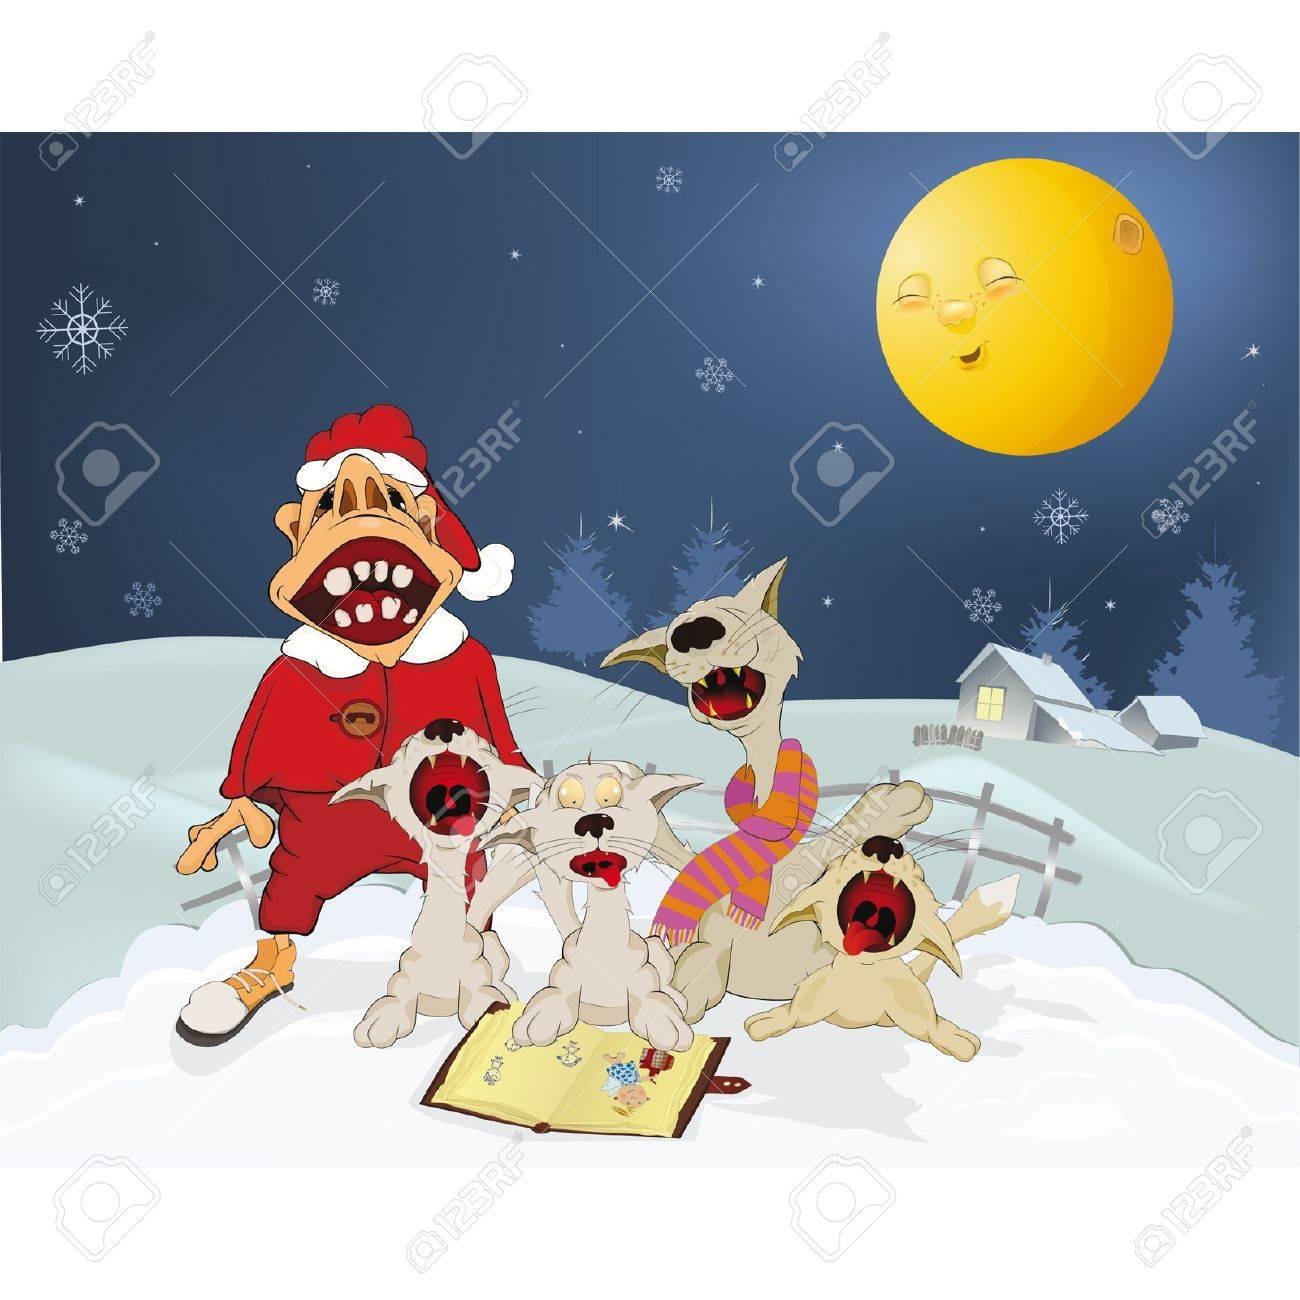 Foto de archivo , Los gatos y los Santa Claus himnos cantan Navidad. Dibujos animados